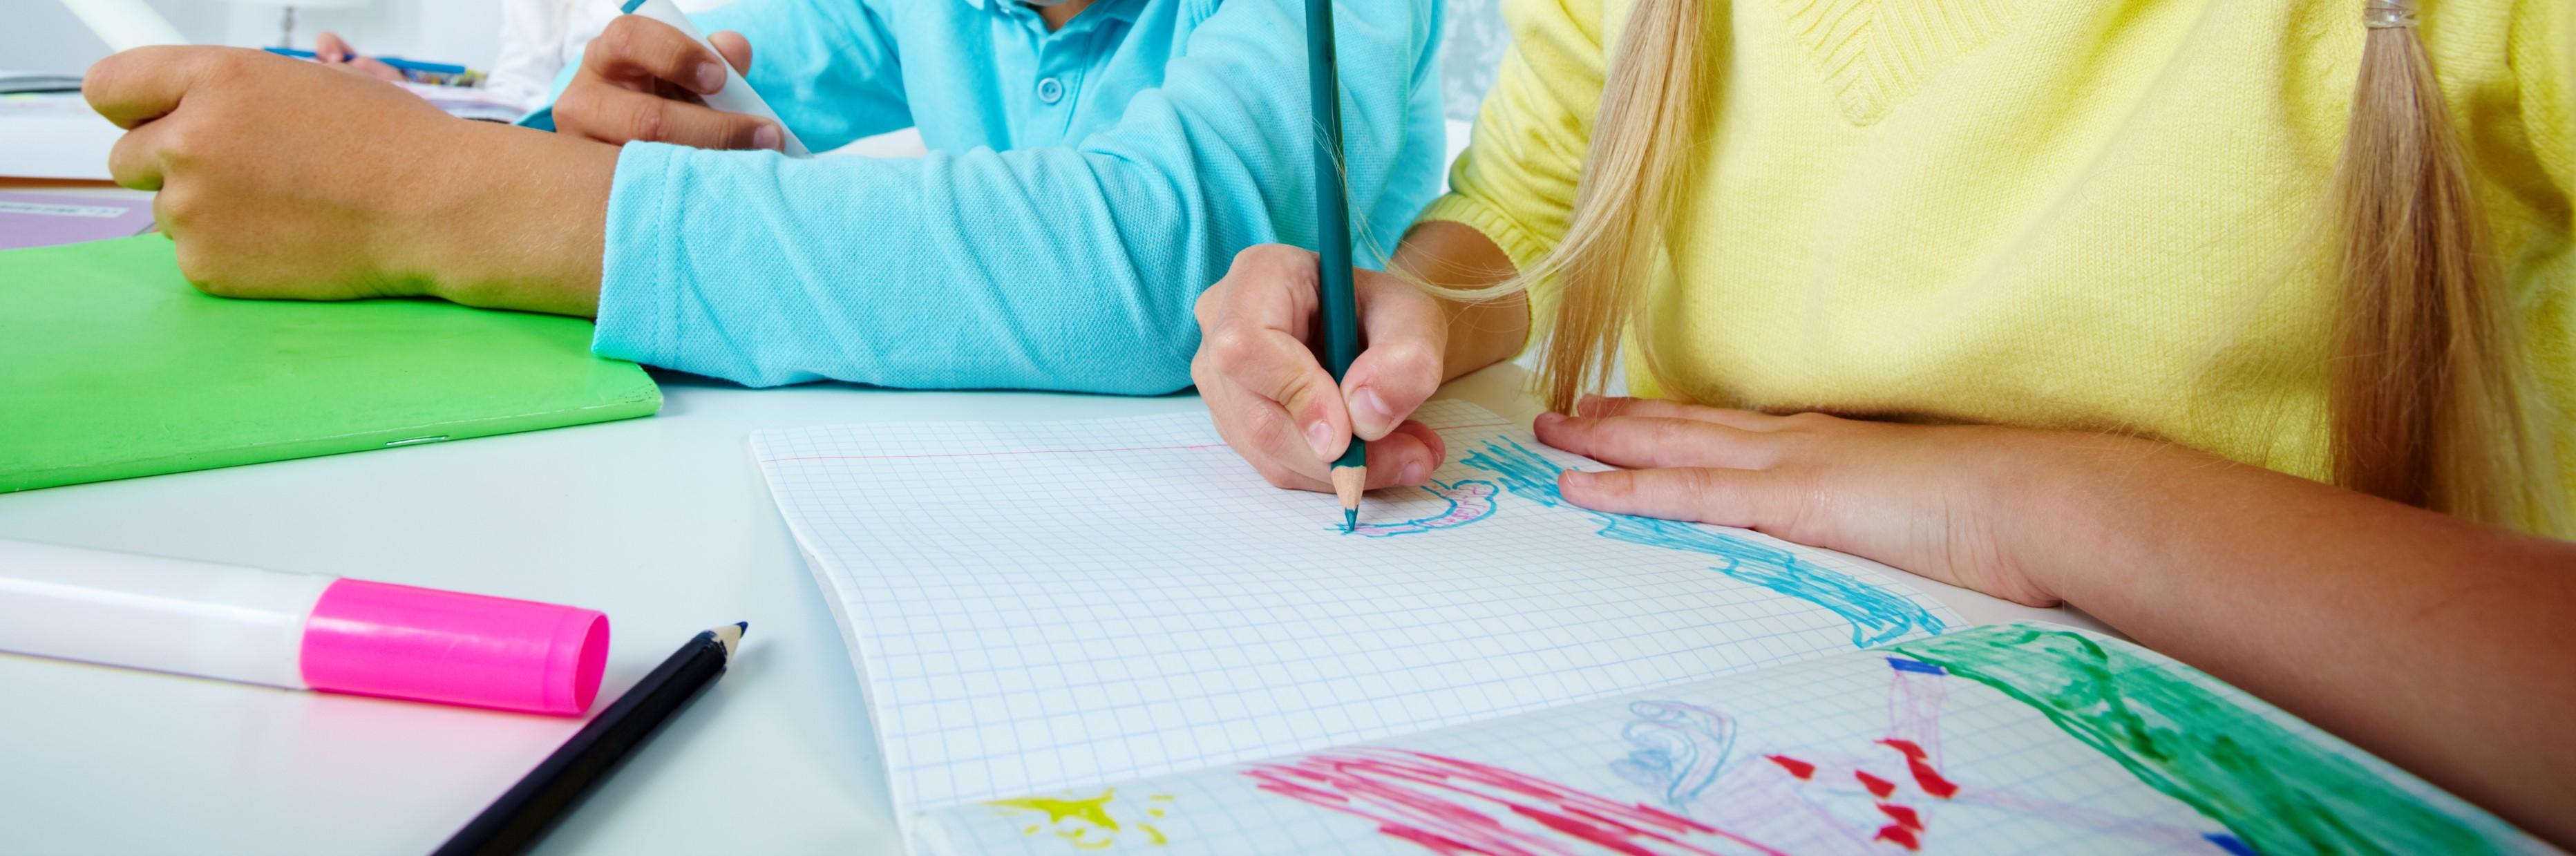 Illustrasjonsbilde av barn som tegner